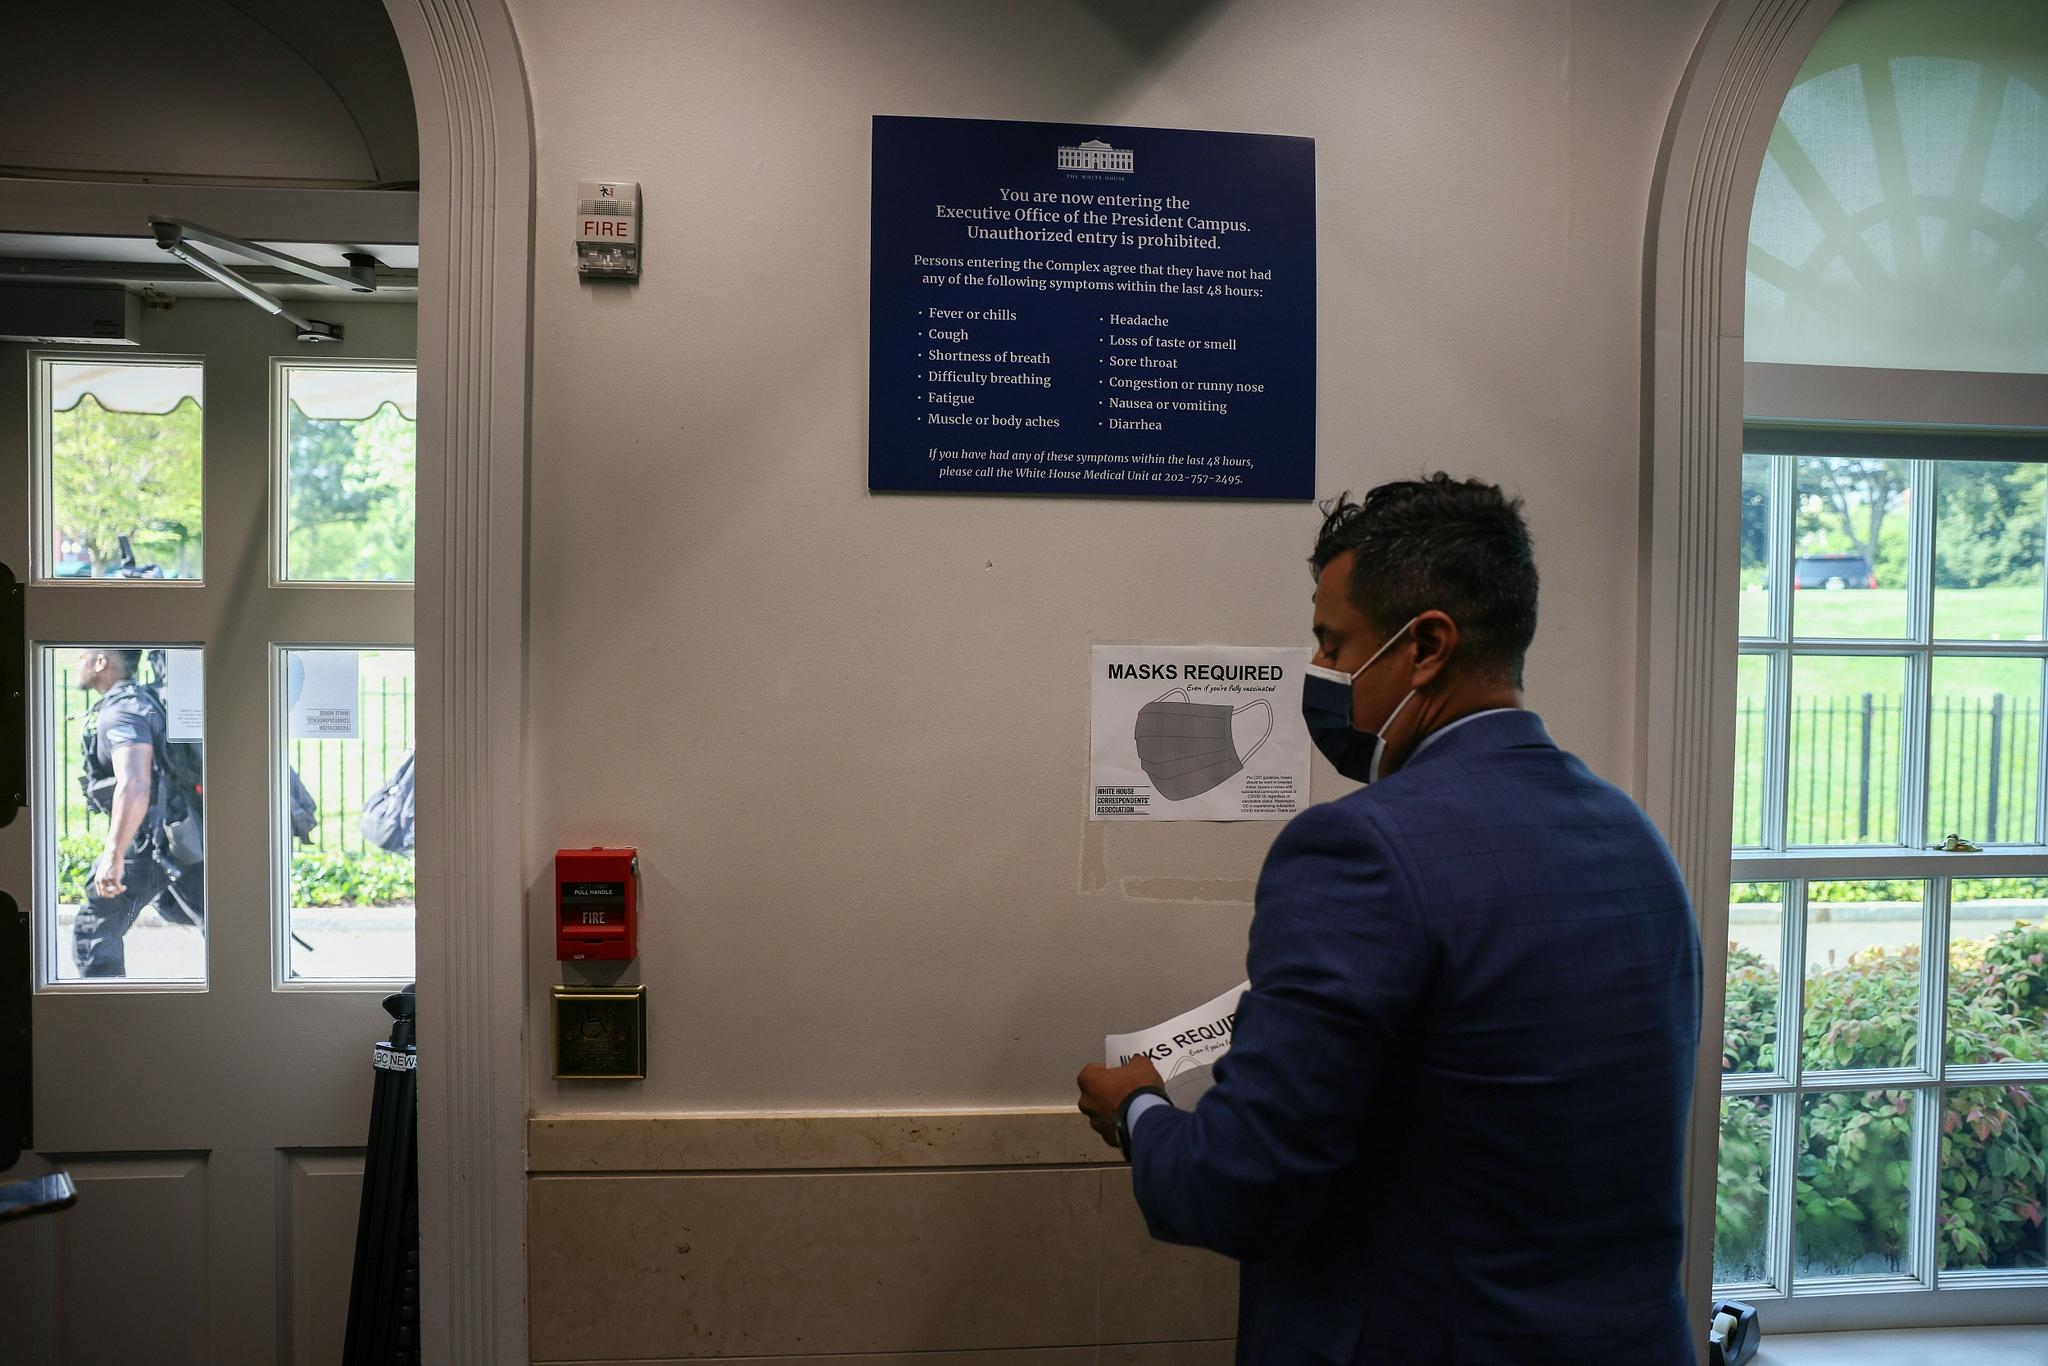 当地时间7月27日,工作人员在白宫张贴佩戴口罩的告示 图源:视觉中国